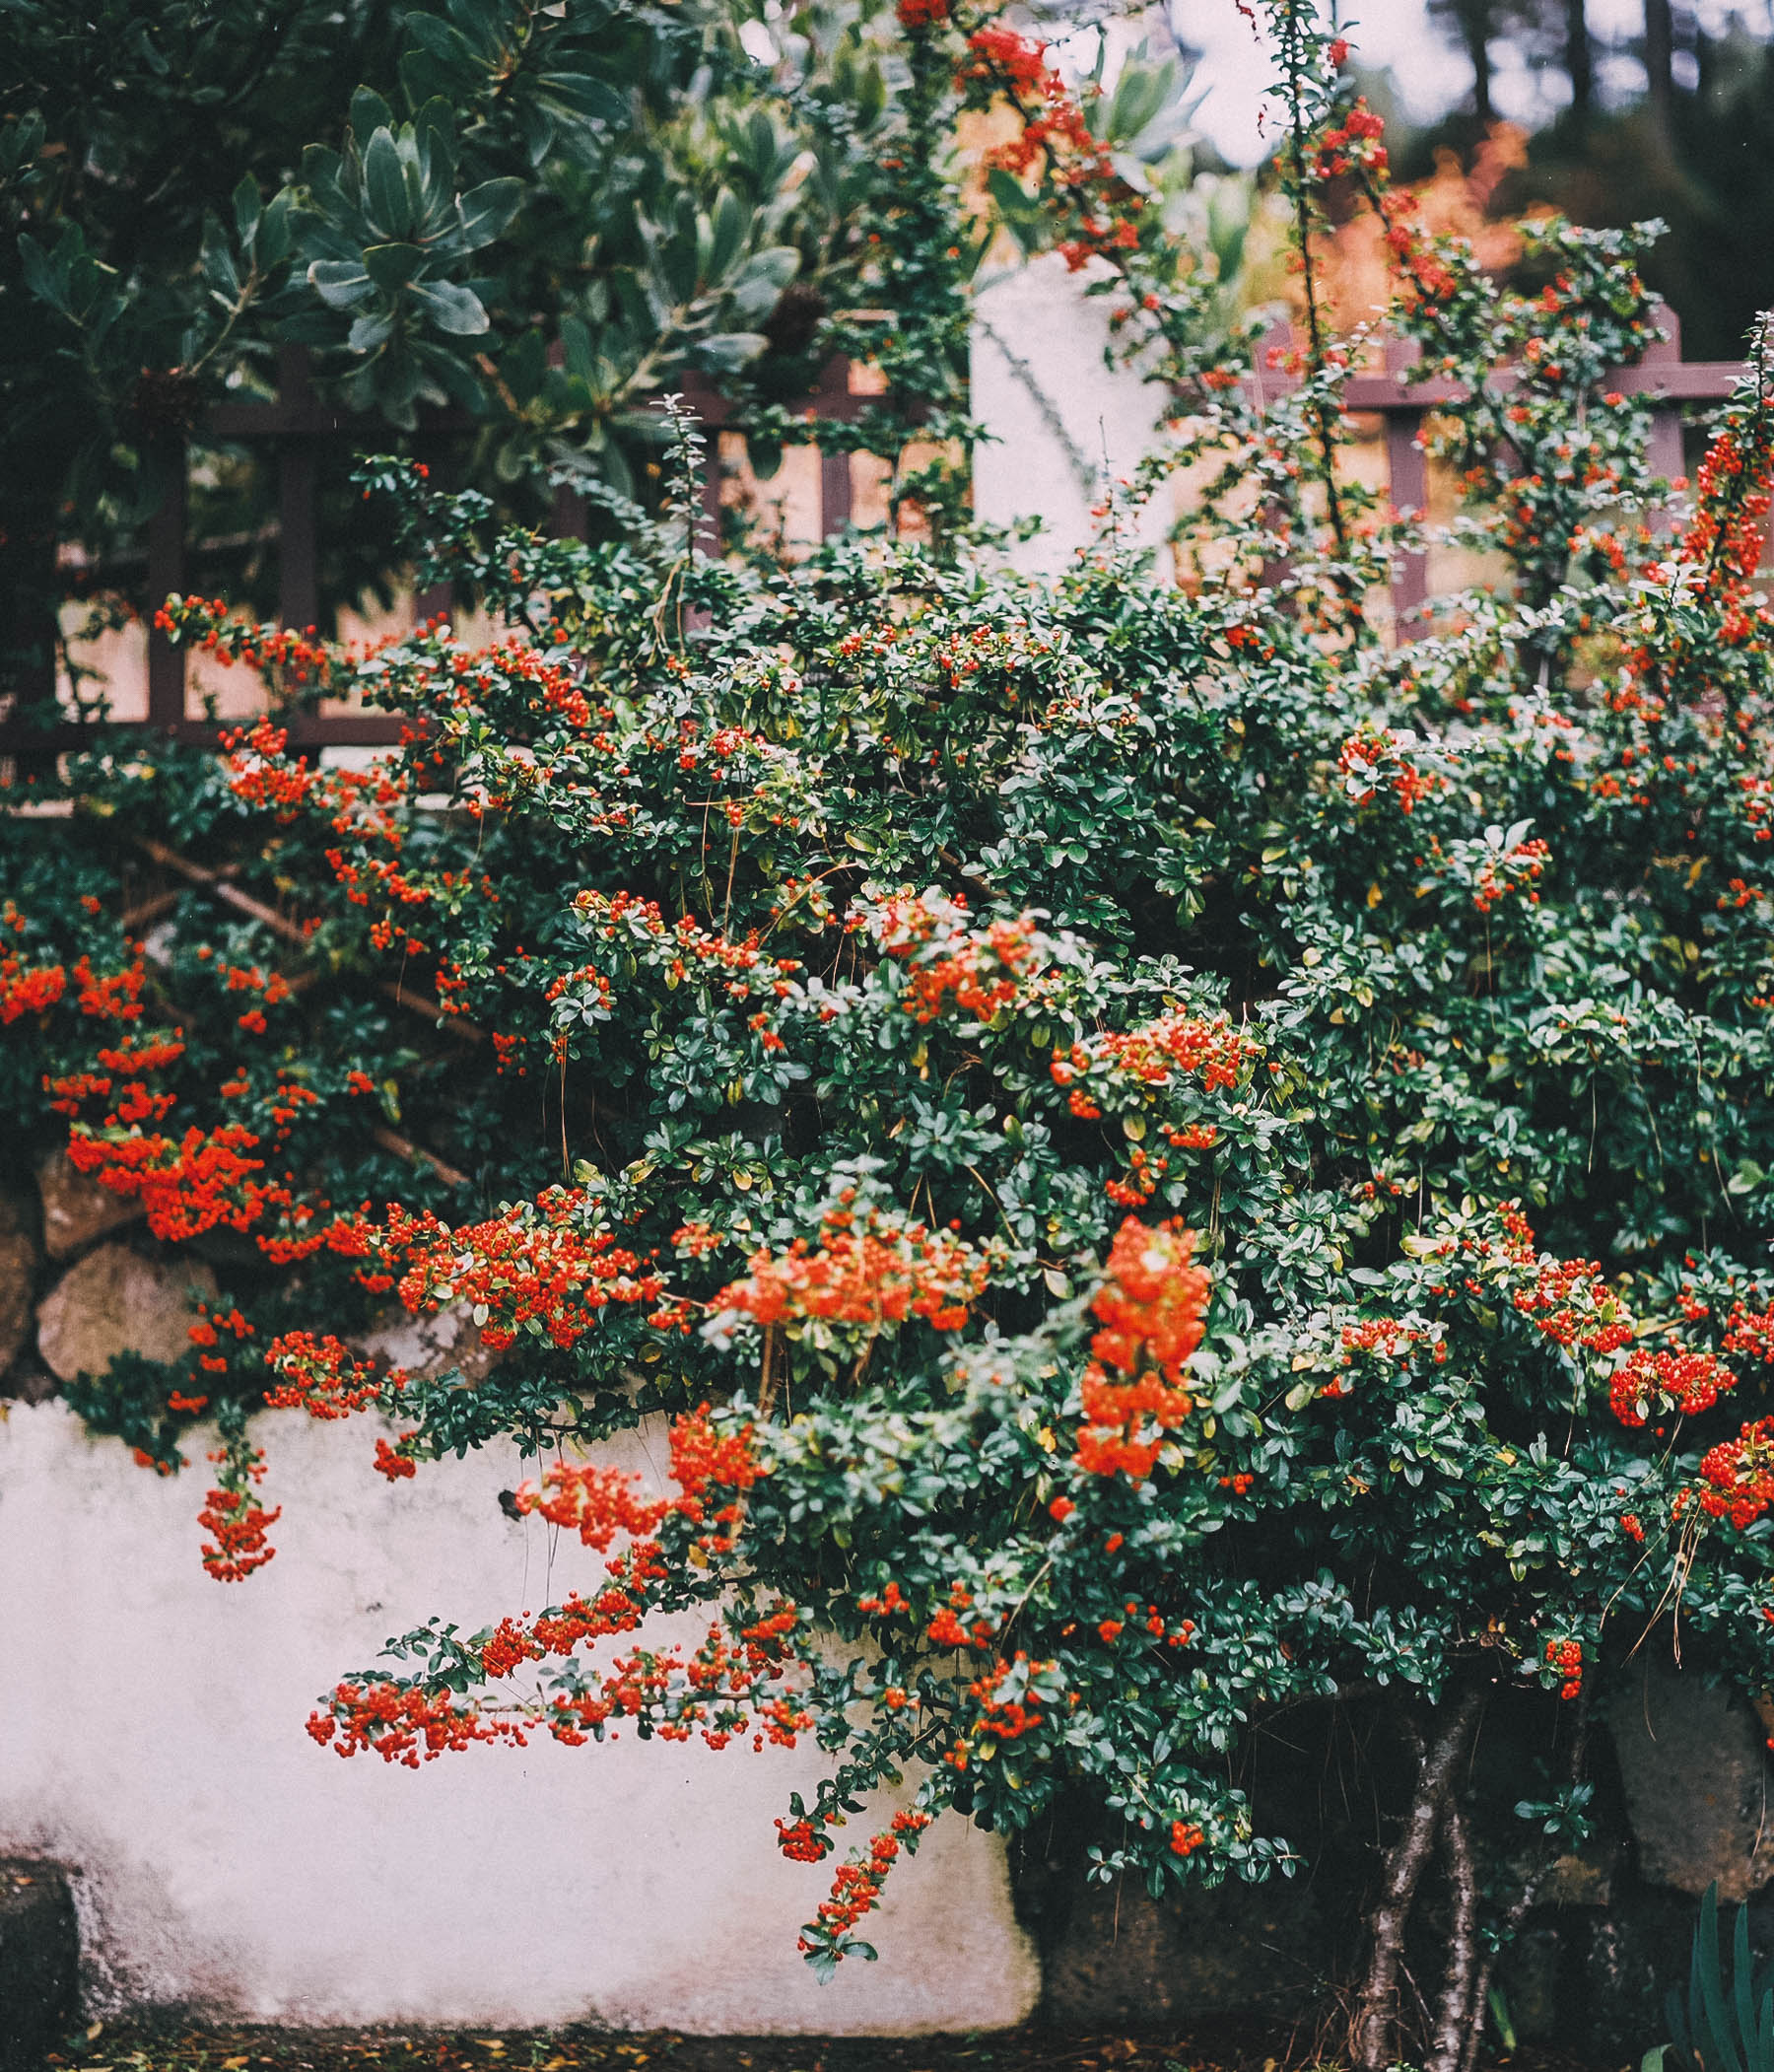 0baraba_0Baraba-R8-E163.jpg